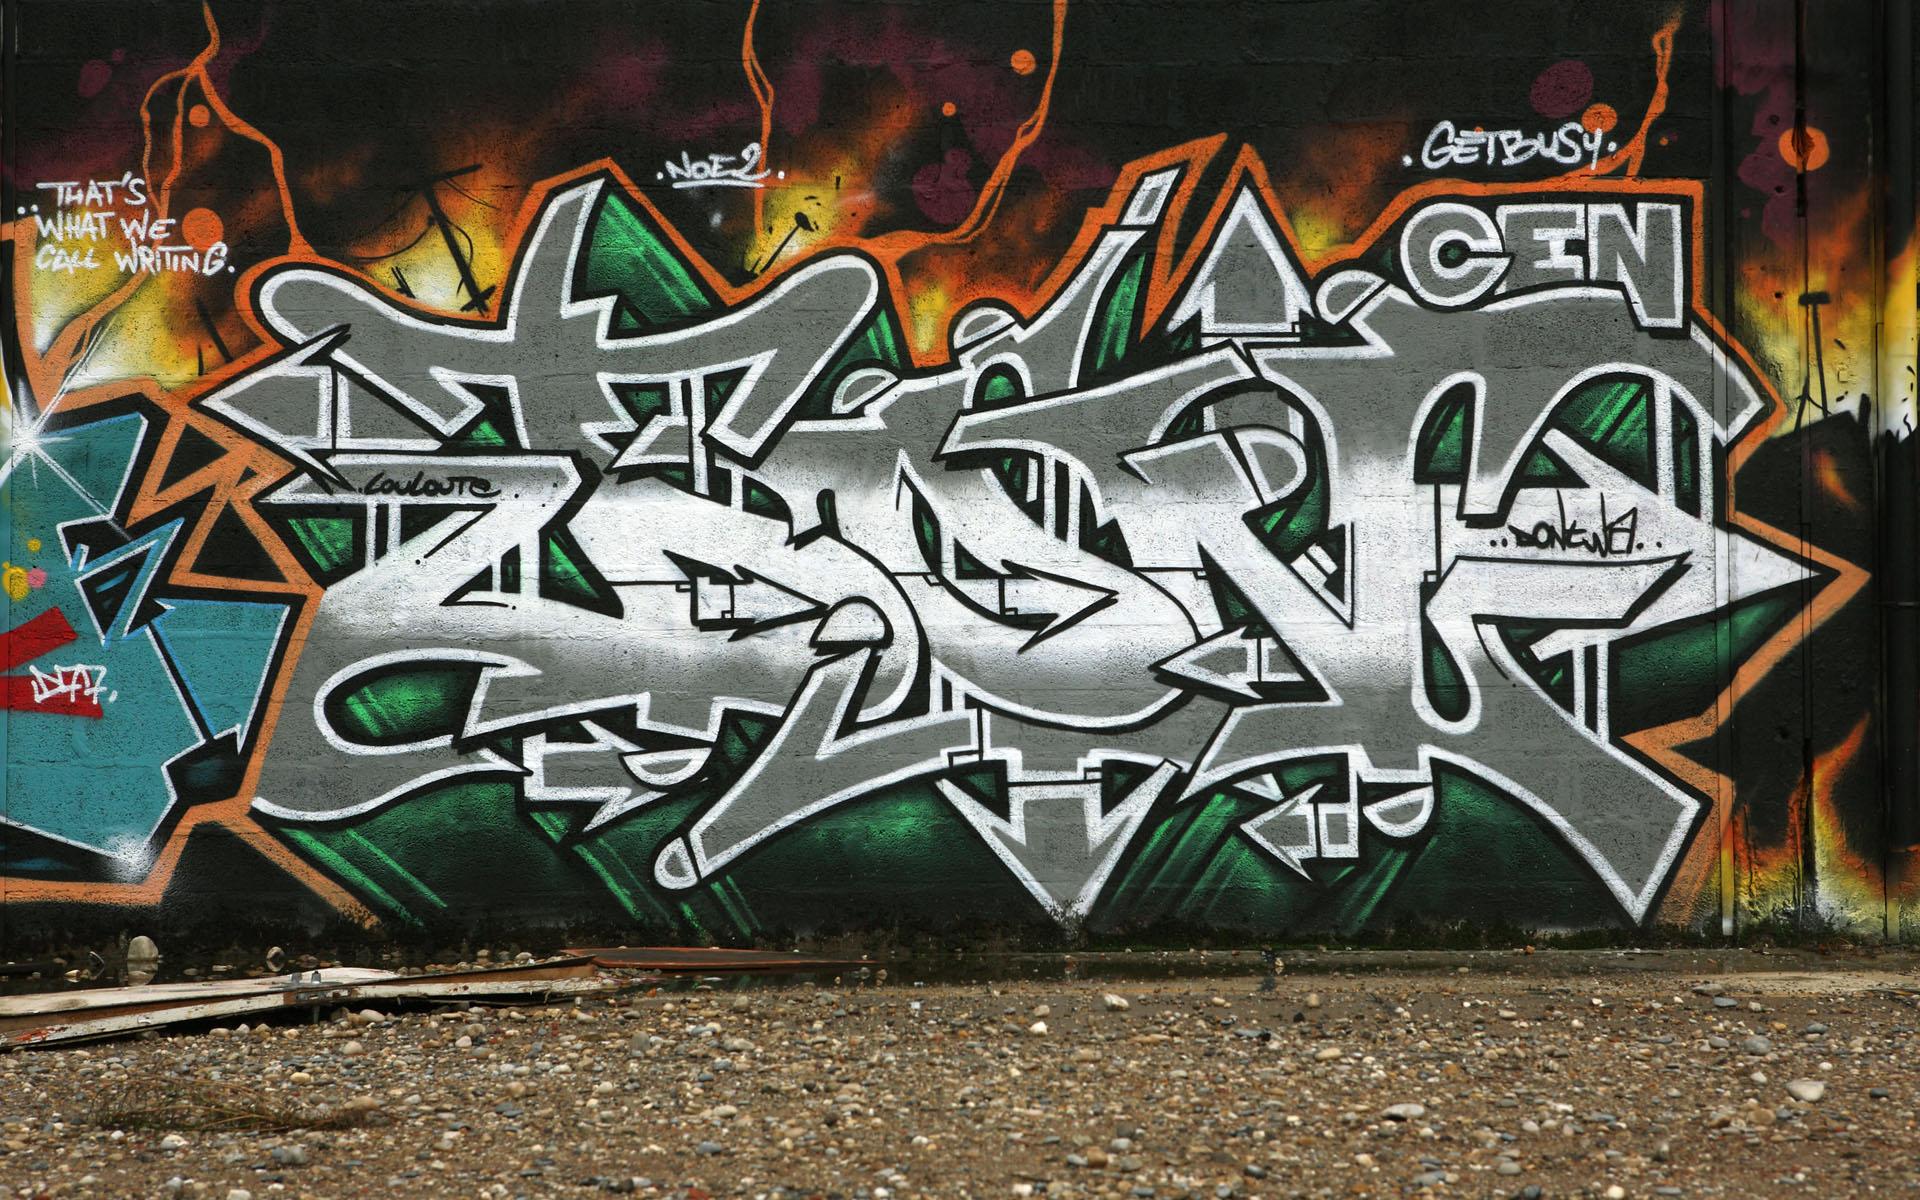 Graffikart-2012-Don-TWA